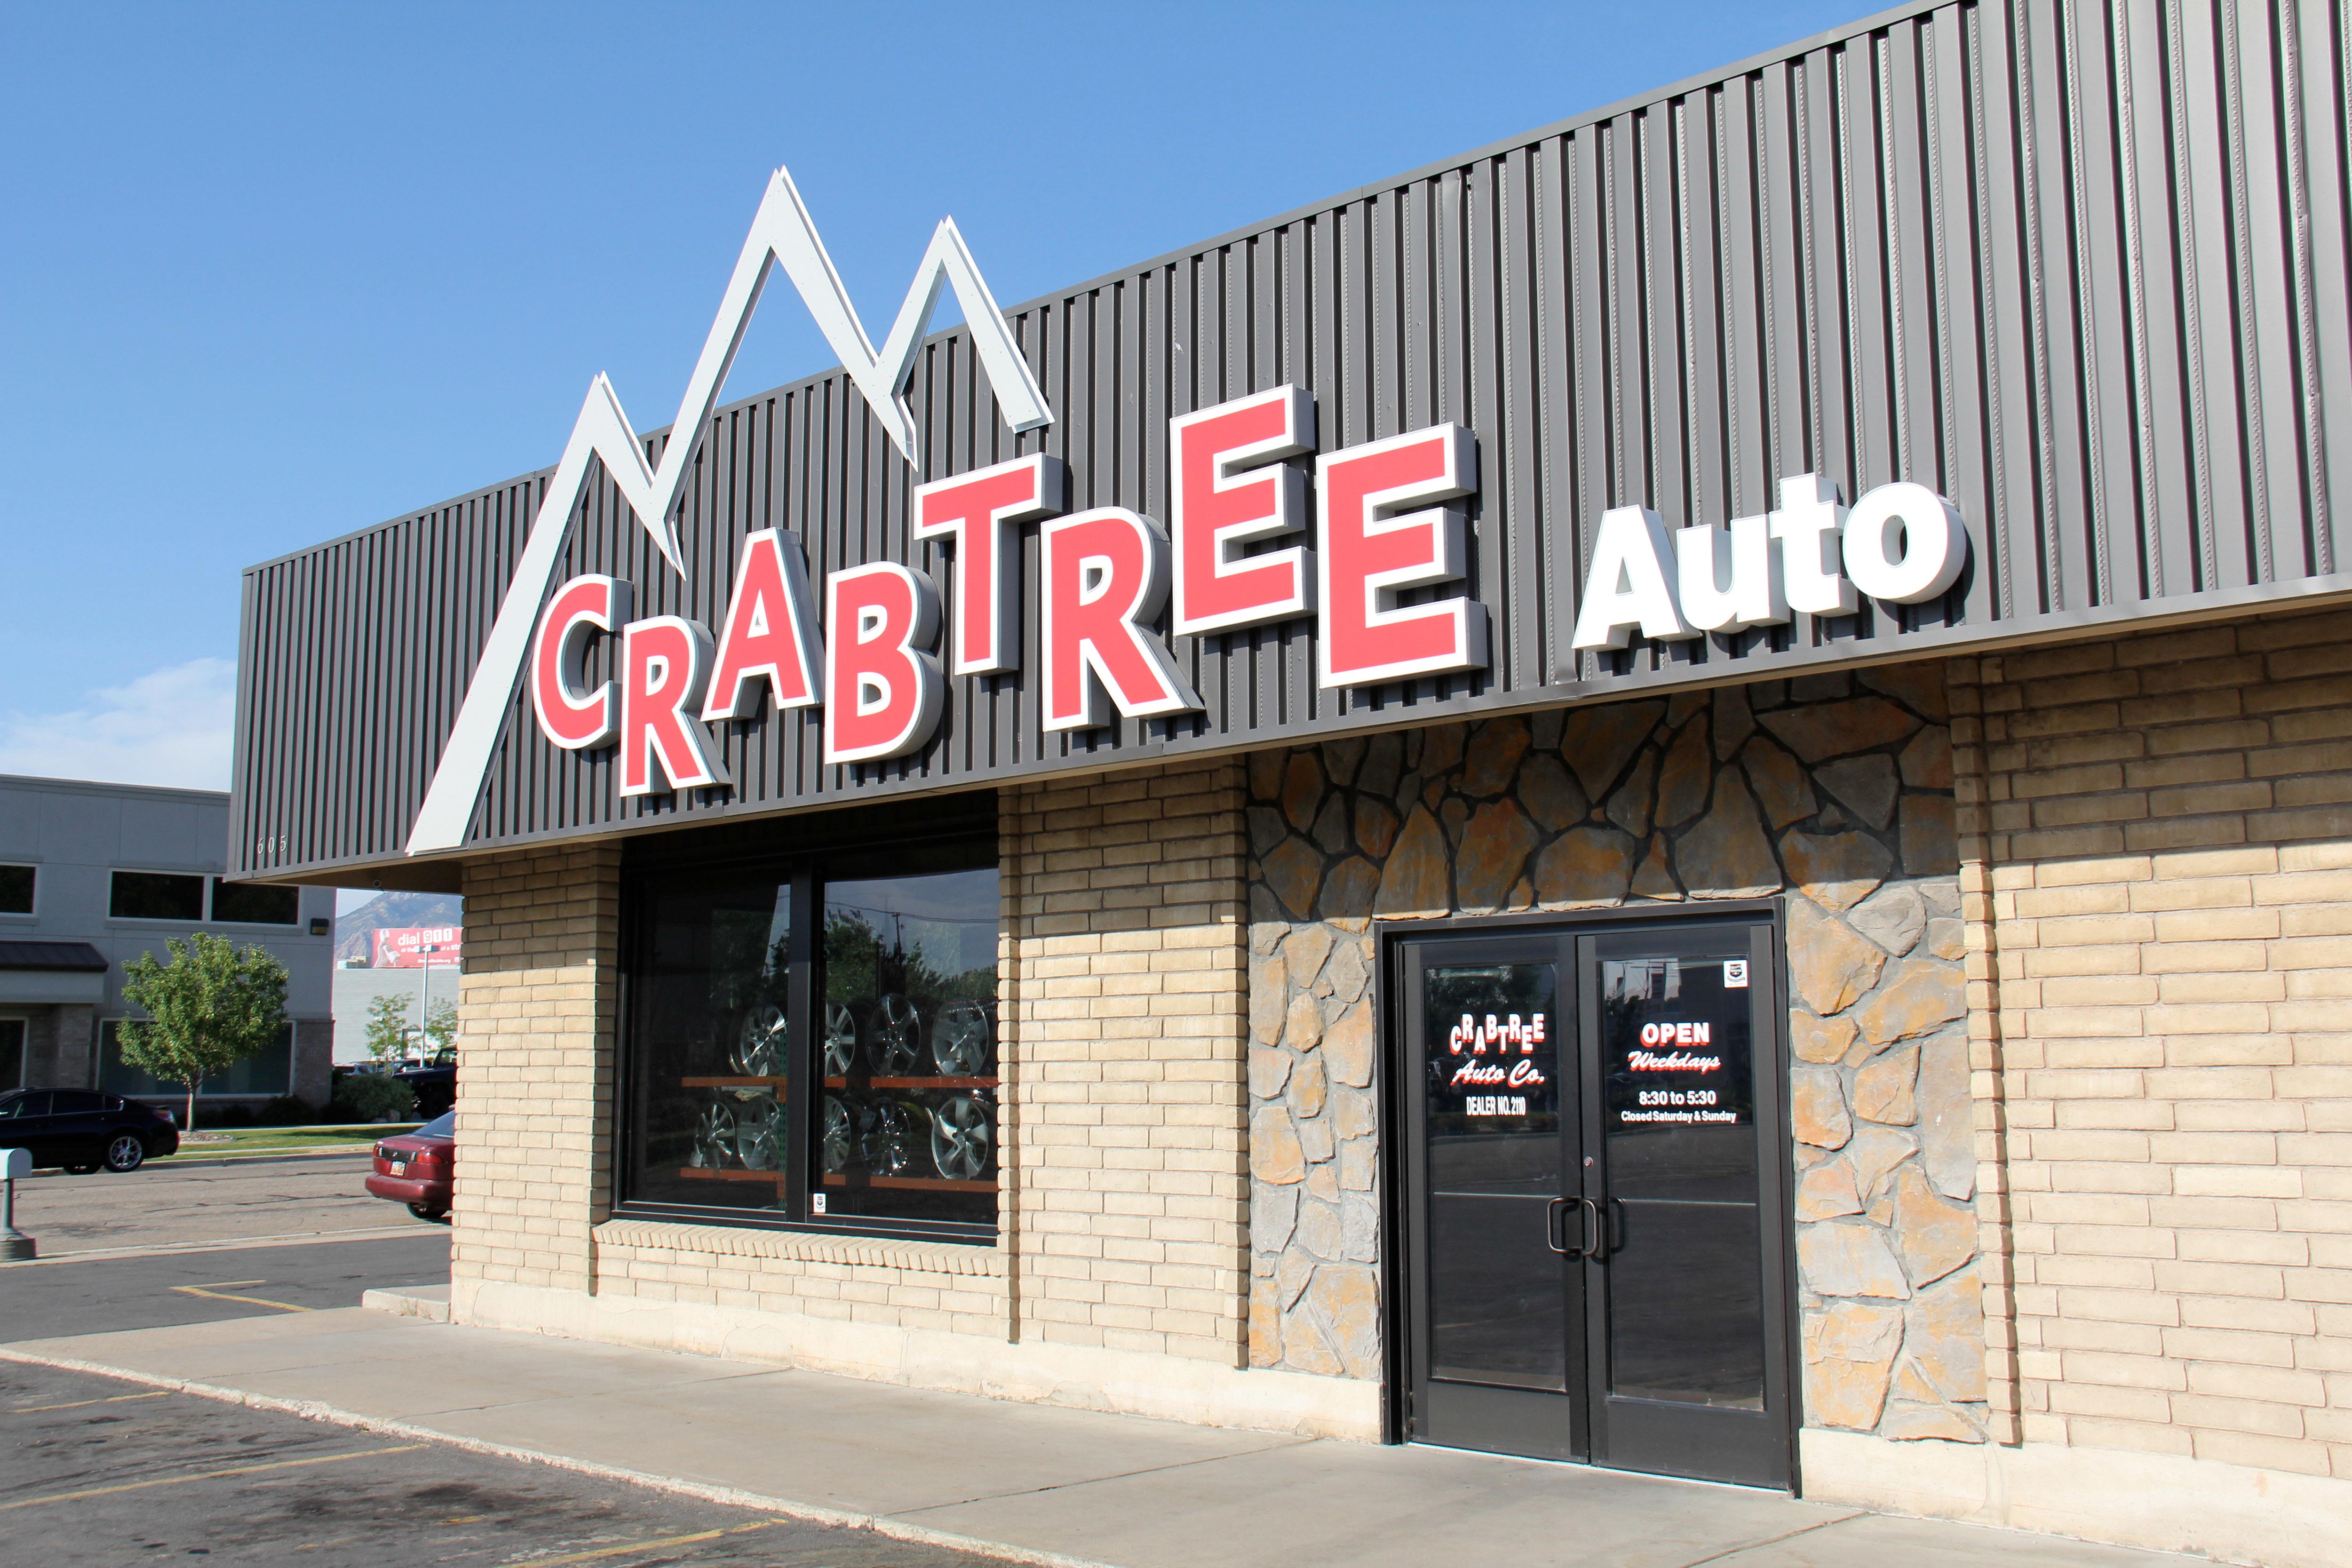 Crabtree Auto image 2